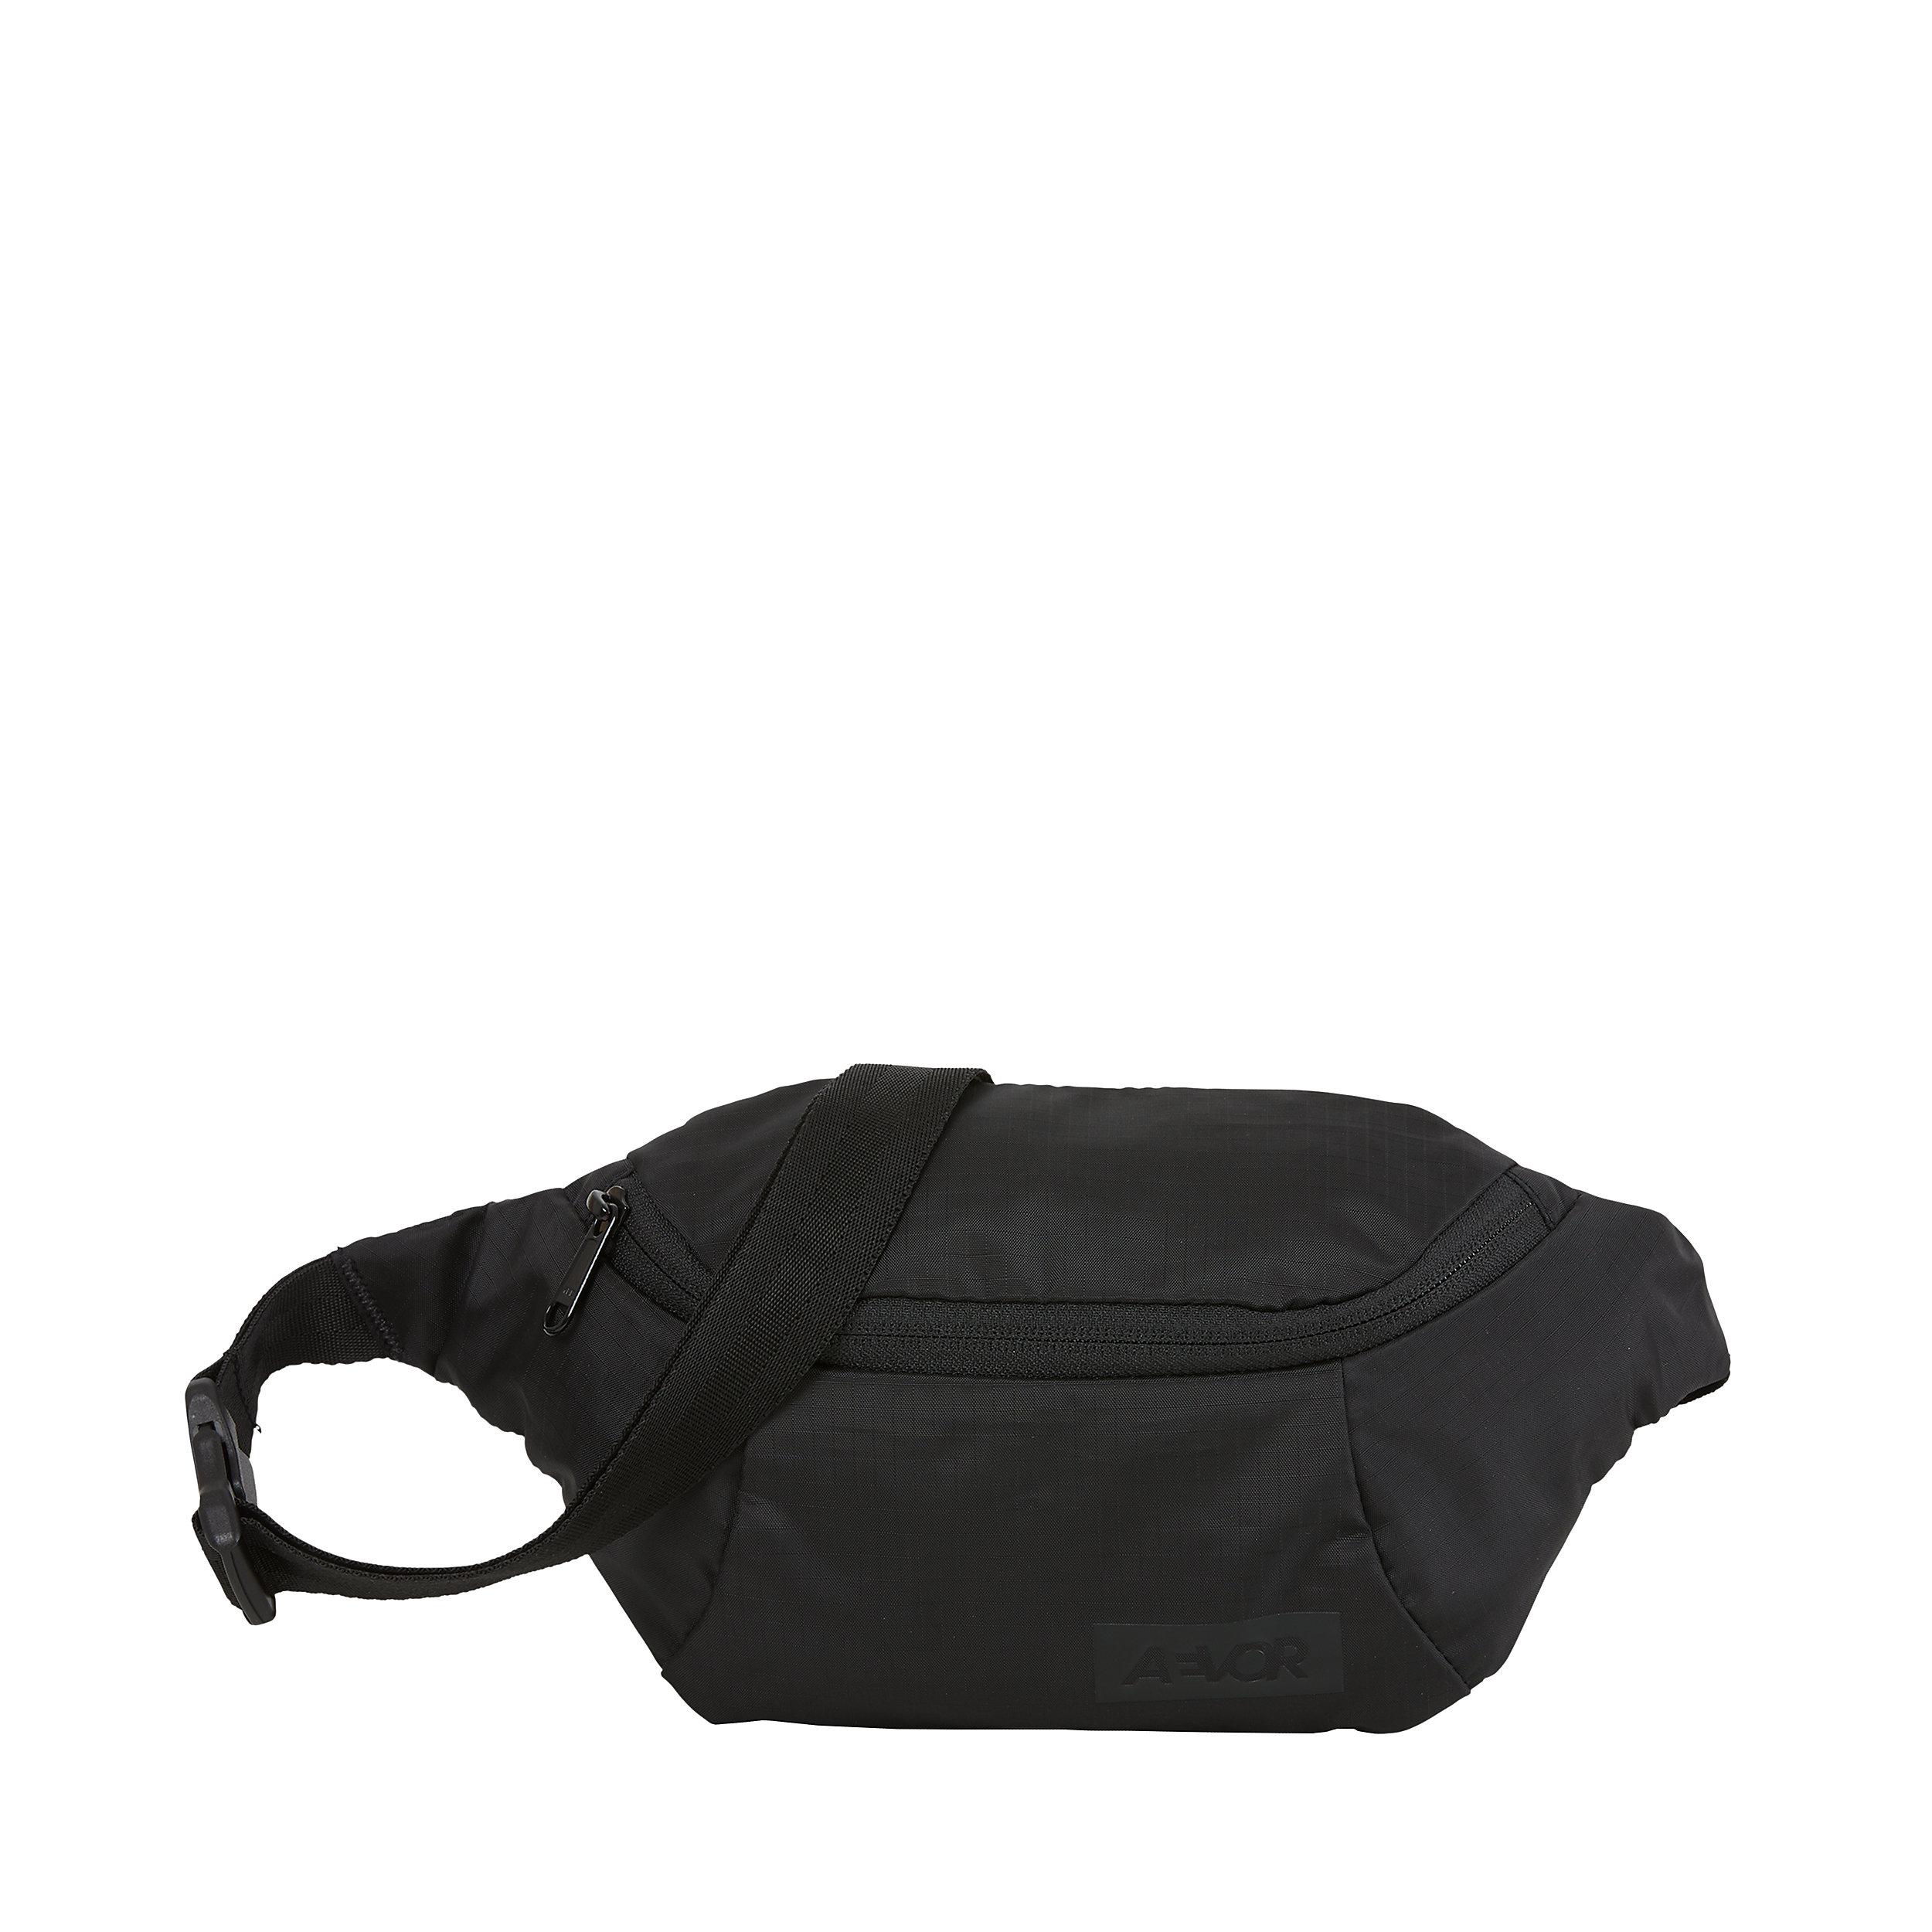 Hüfttasche 1 Liter